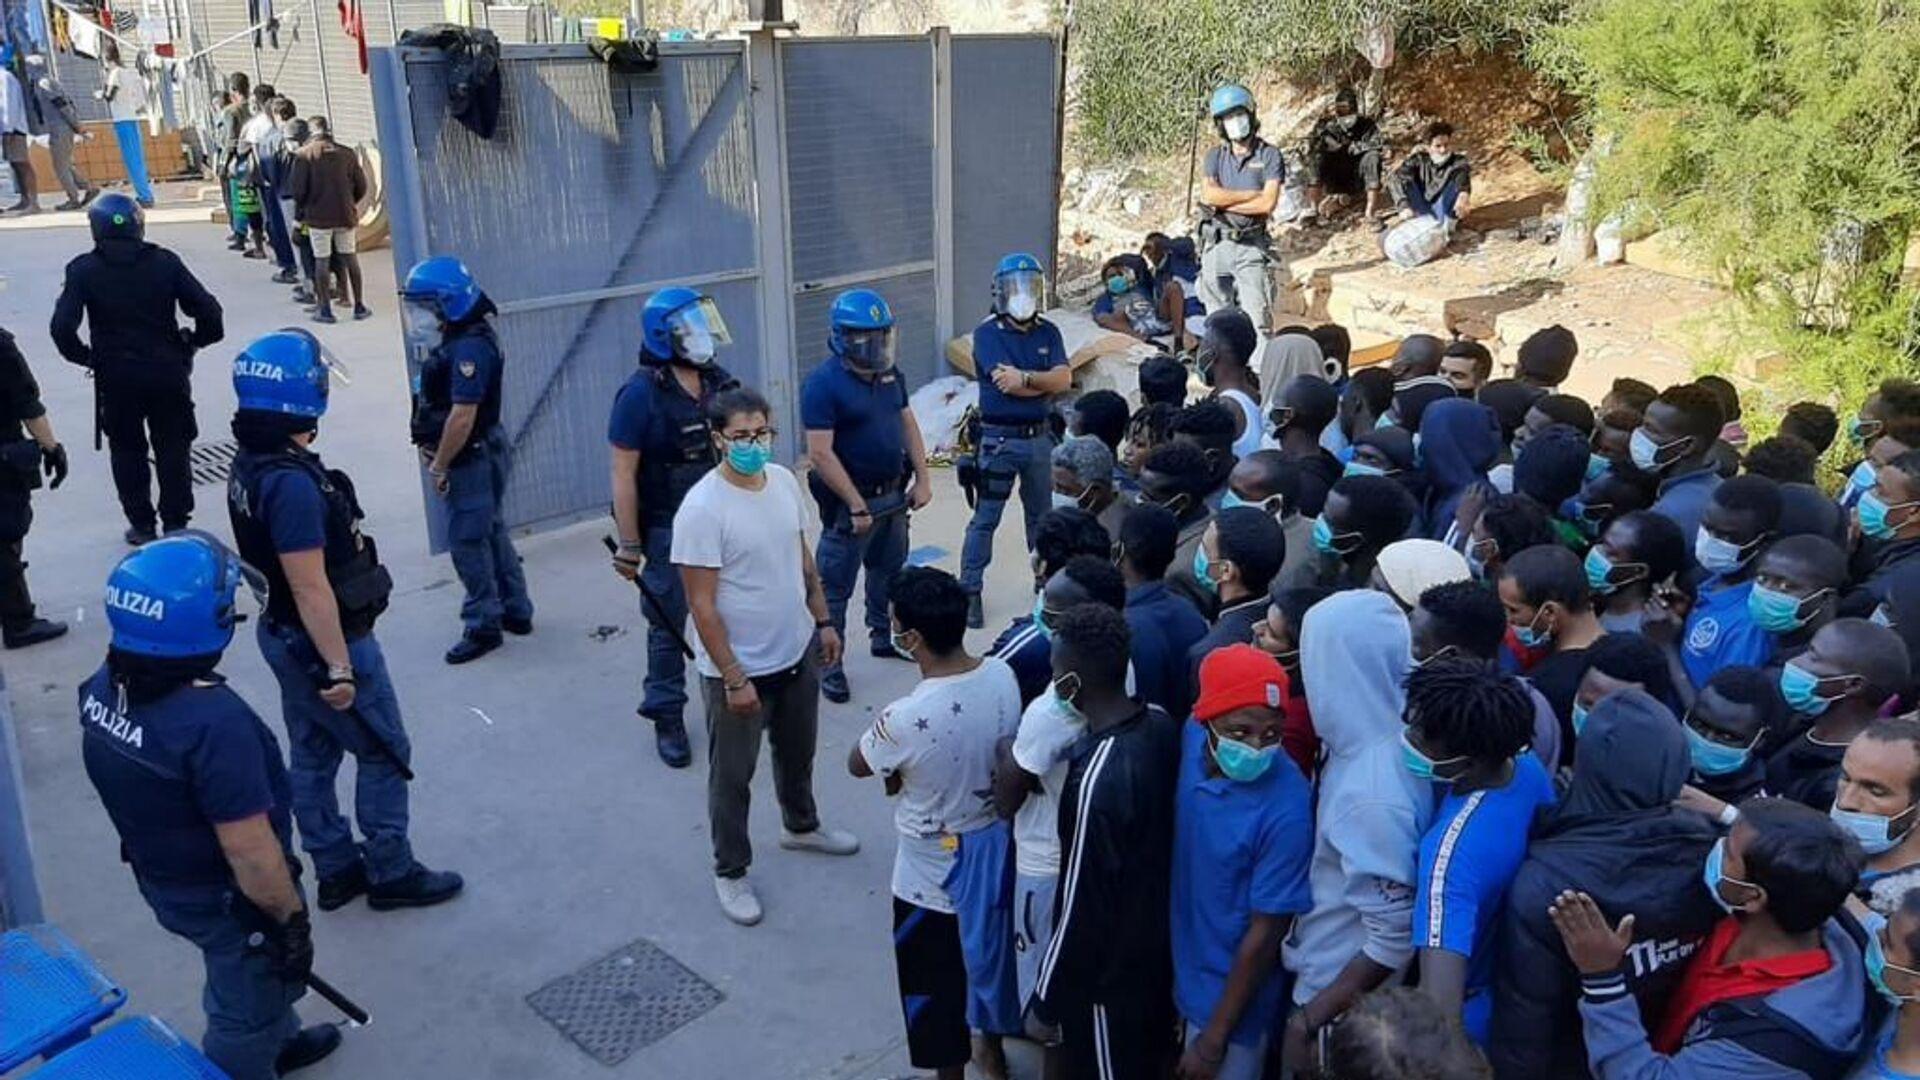 Migranti nel centro di accoglienza di Lampedusa - Sputnik Italia, 1920, 02.08.2021